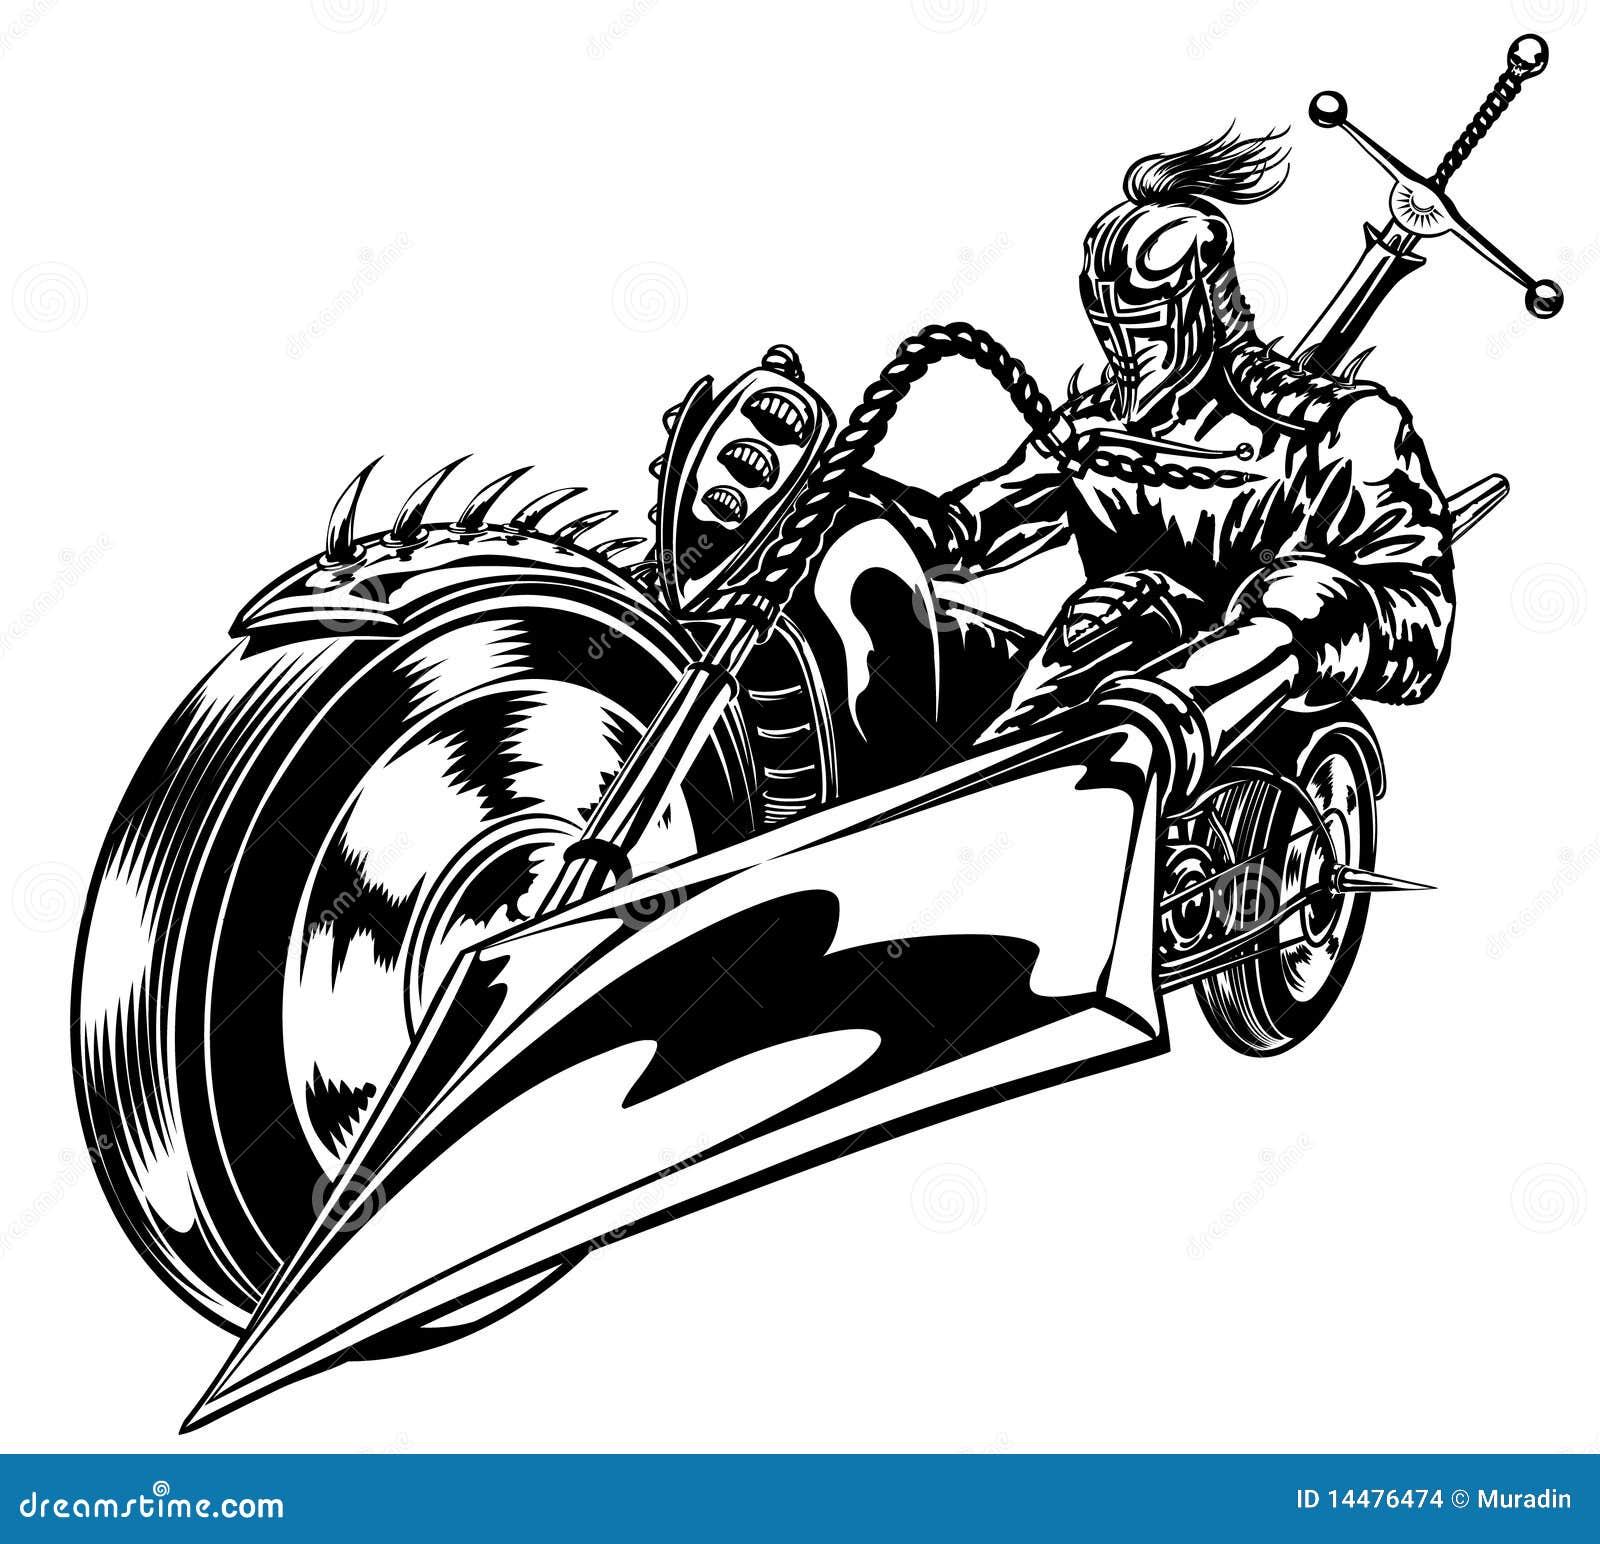 cruzado de la moto ilustraci u00f3n del vector  ilustraci u00f3n de